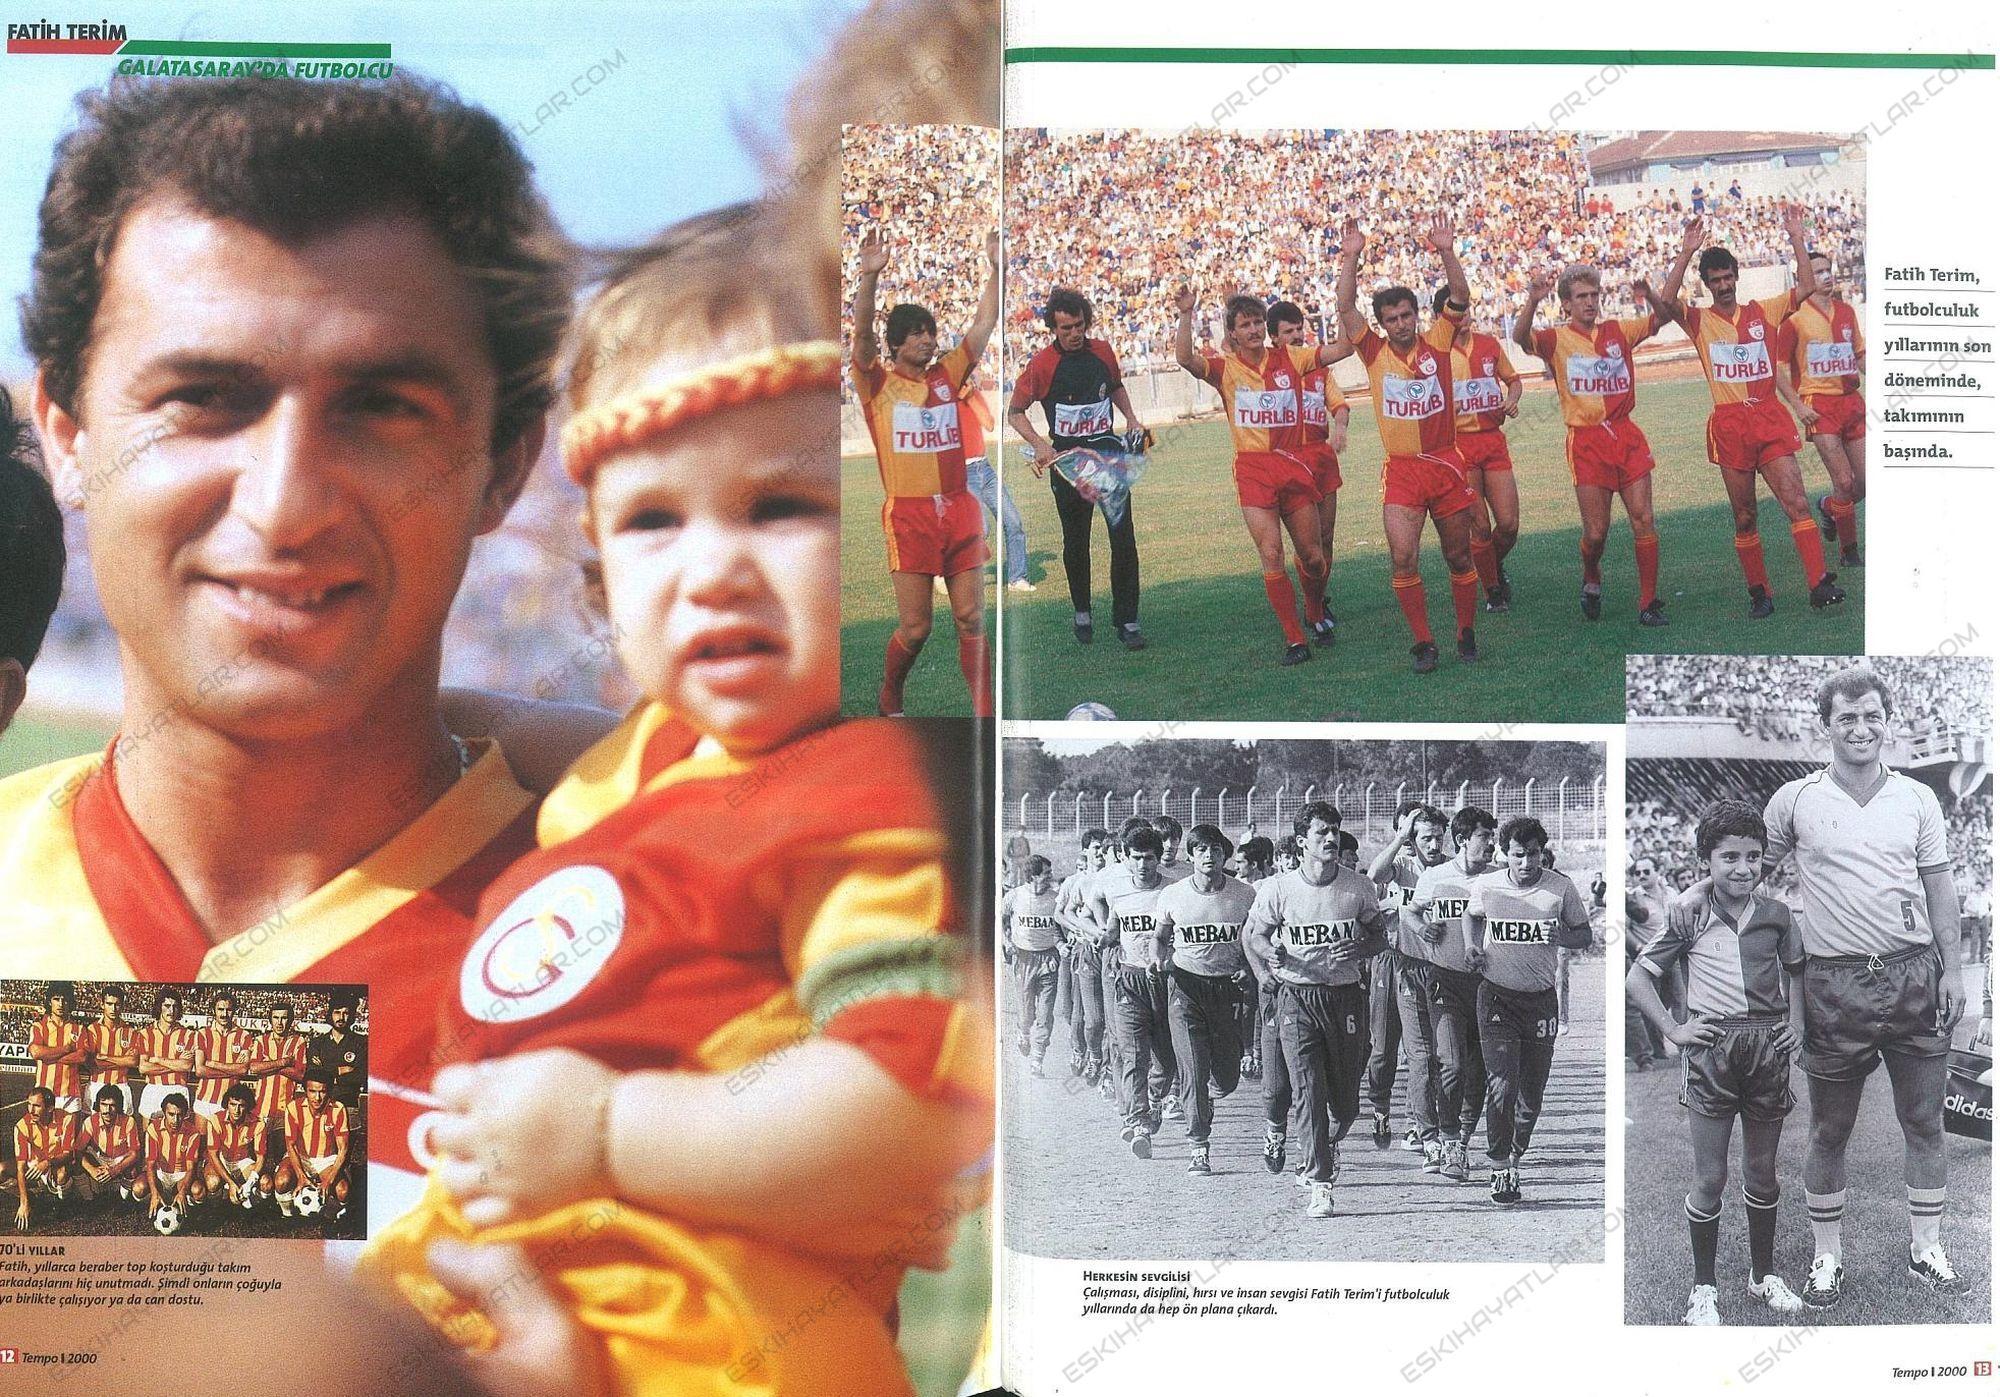 fatih-terim-fotograflari-fatih-terim-futbol-kariyeri-2000-yili-tempo-dergisi-arsivleri (8)